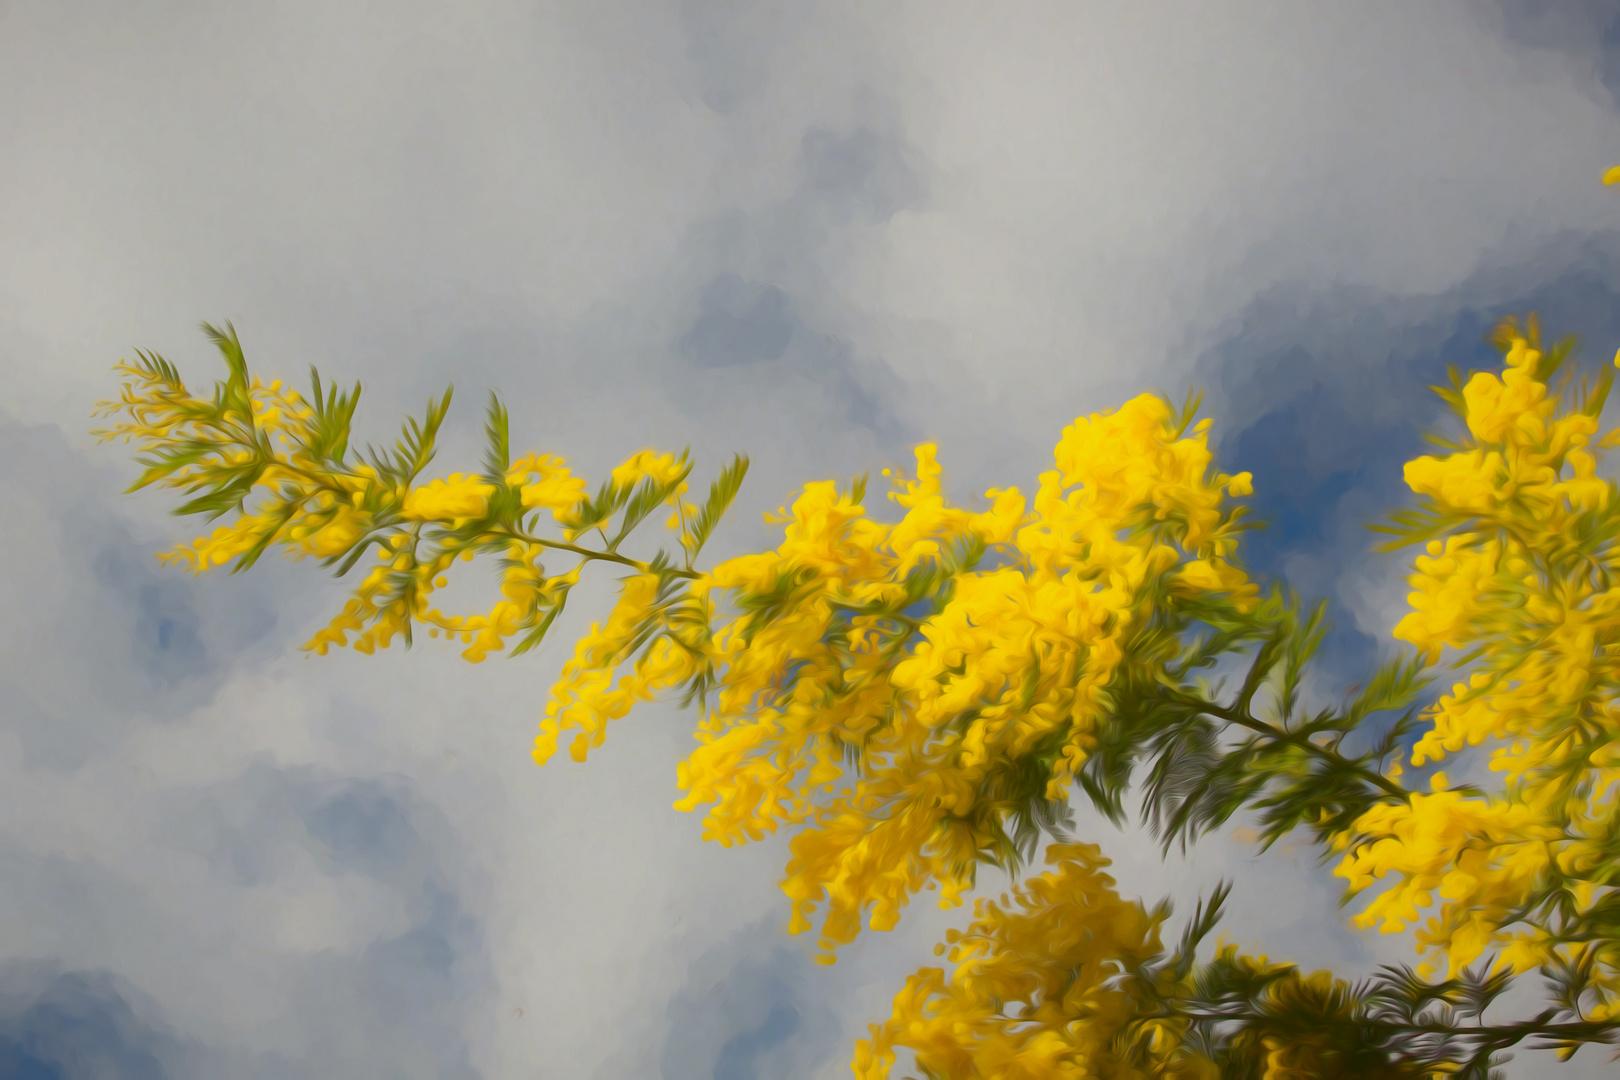 nochmal 'Gelb'